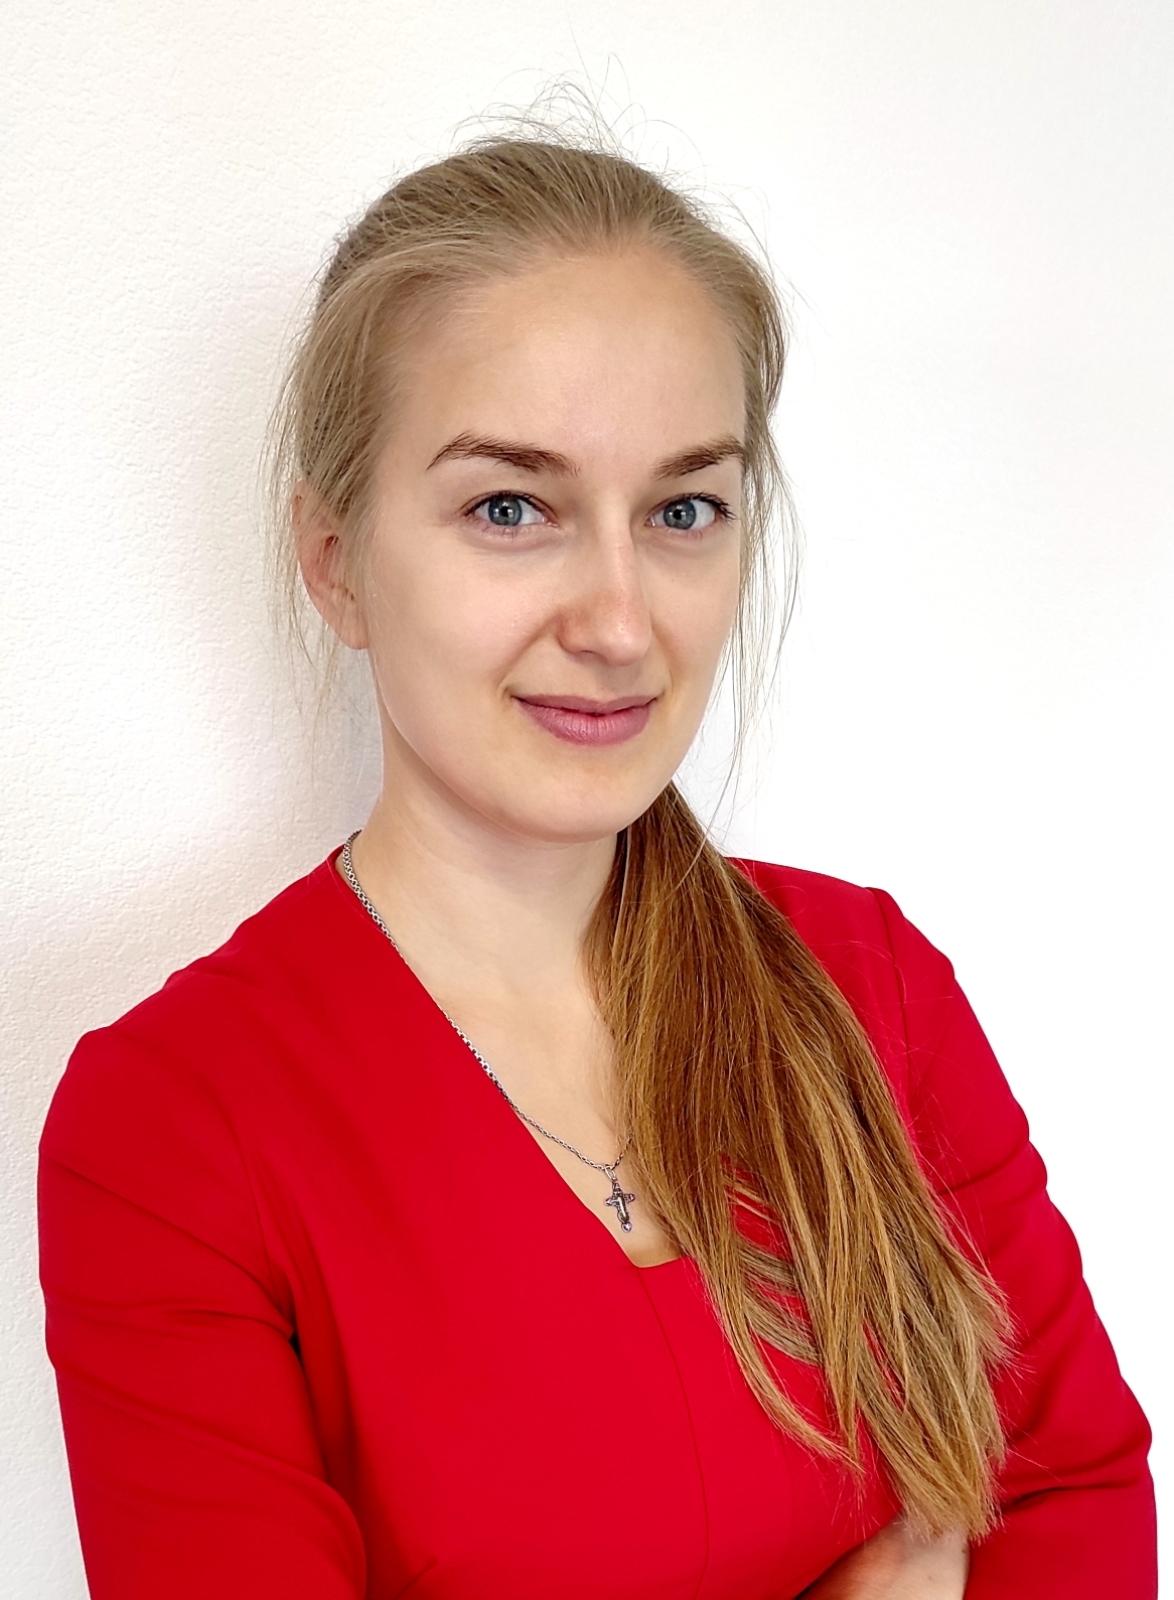 Дарья Леушина репетитор по обществознанию и финансовой грамотности